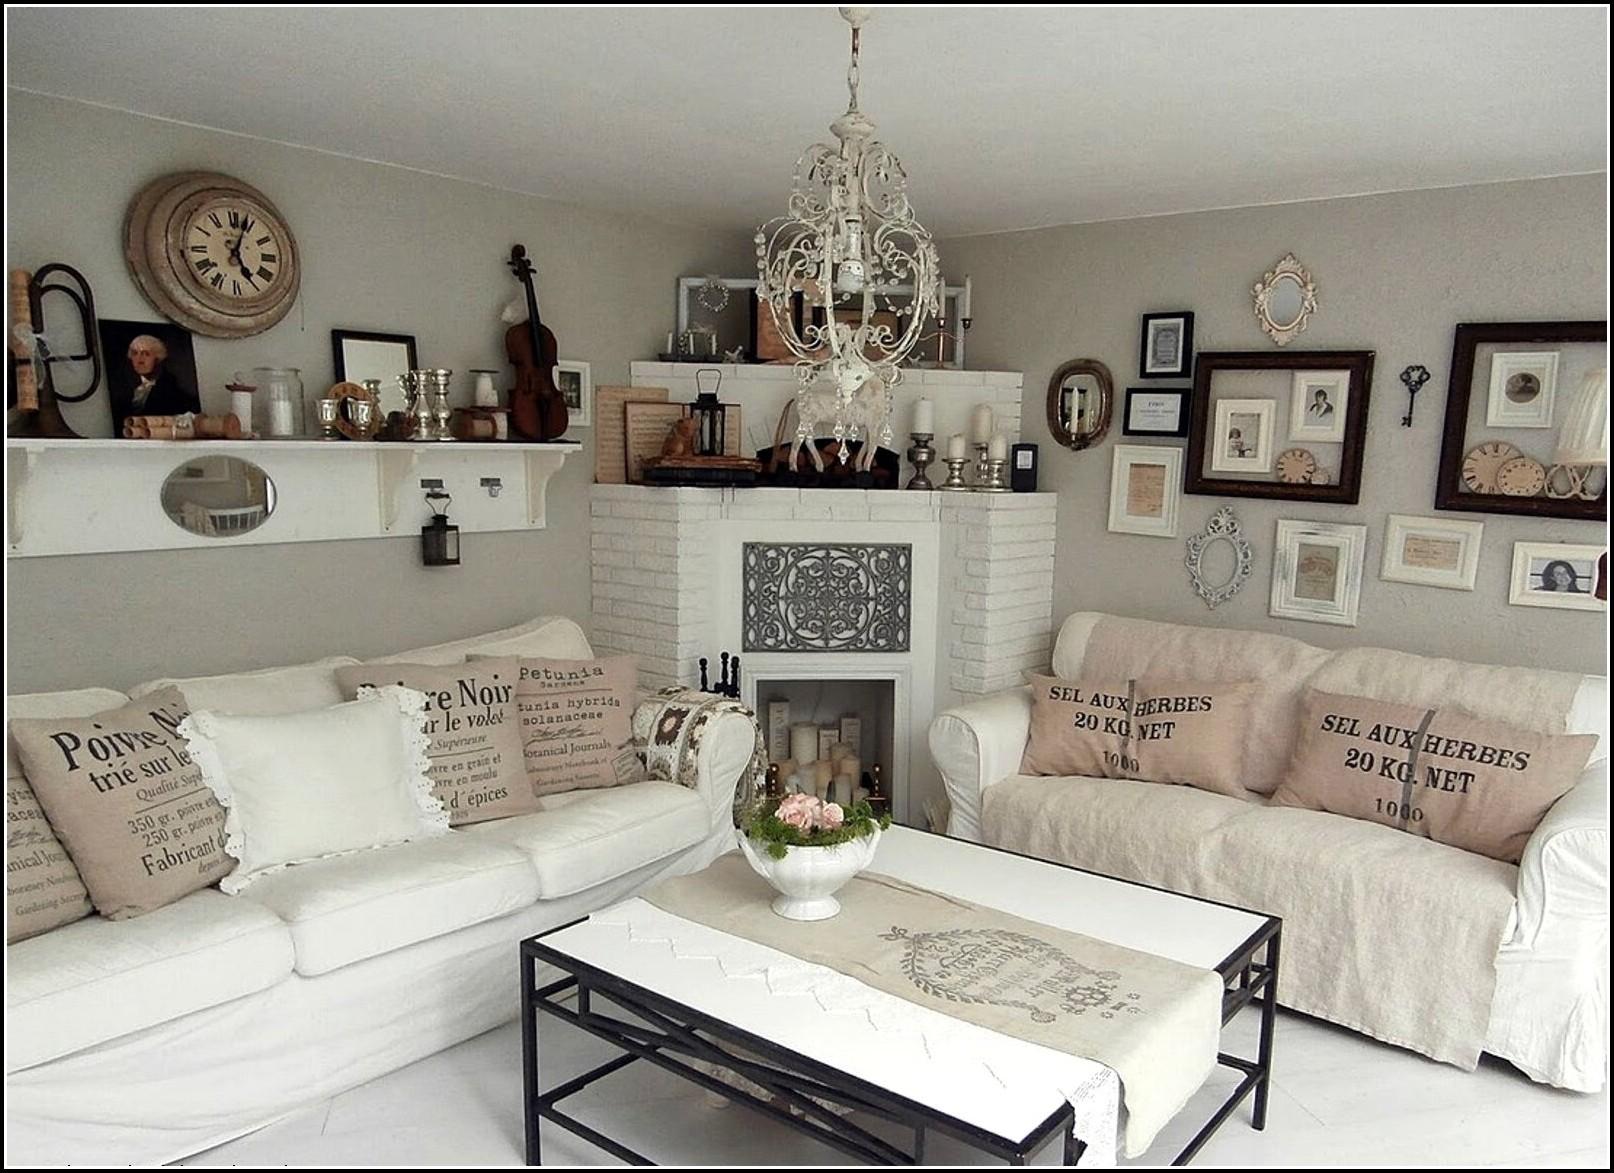 bilder wohnzimmer kaufen wohnzimmer house und dekor galerie xp1ownb1dj. Black Bedroom Furniture Sets. Home Design Ideas